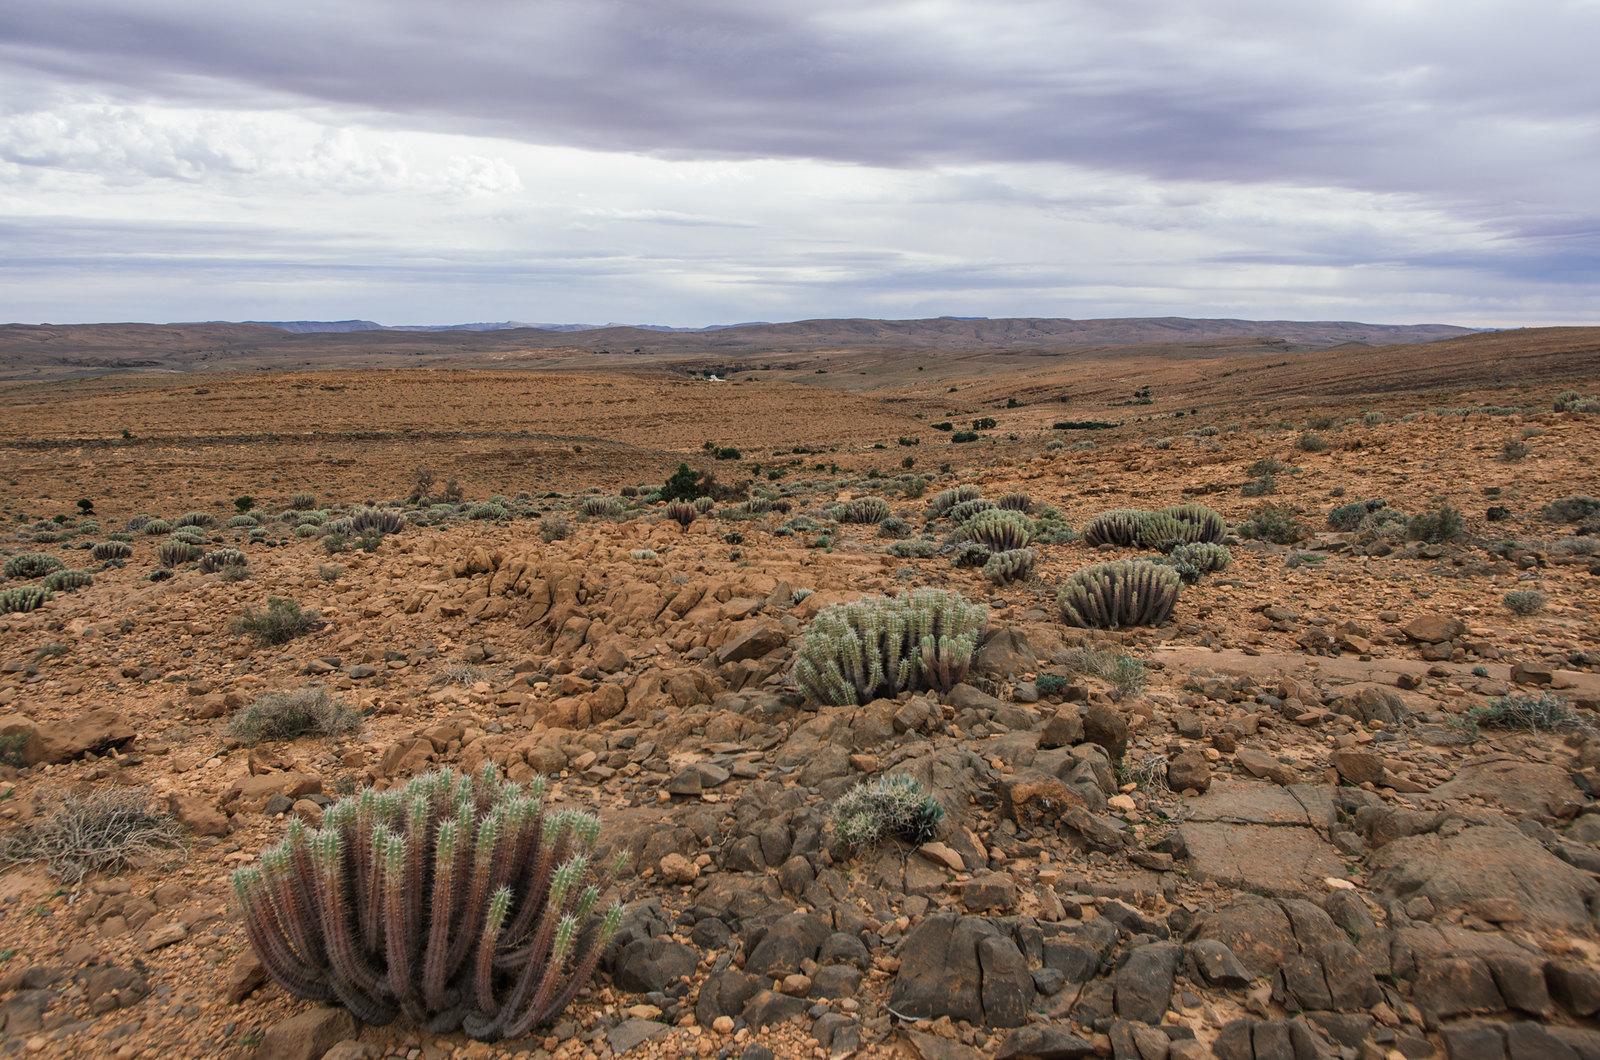 Trek sans guide au Maroc - 5 jours dans l'anti-Atlas - Au sommet